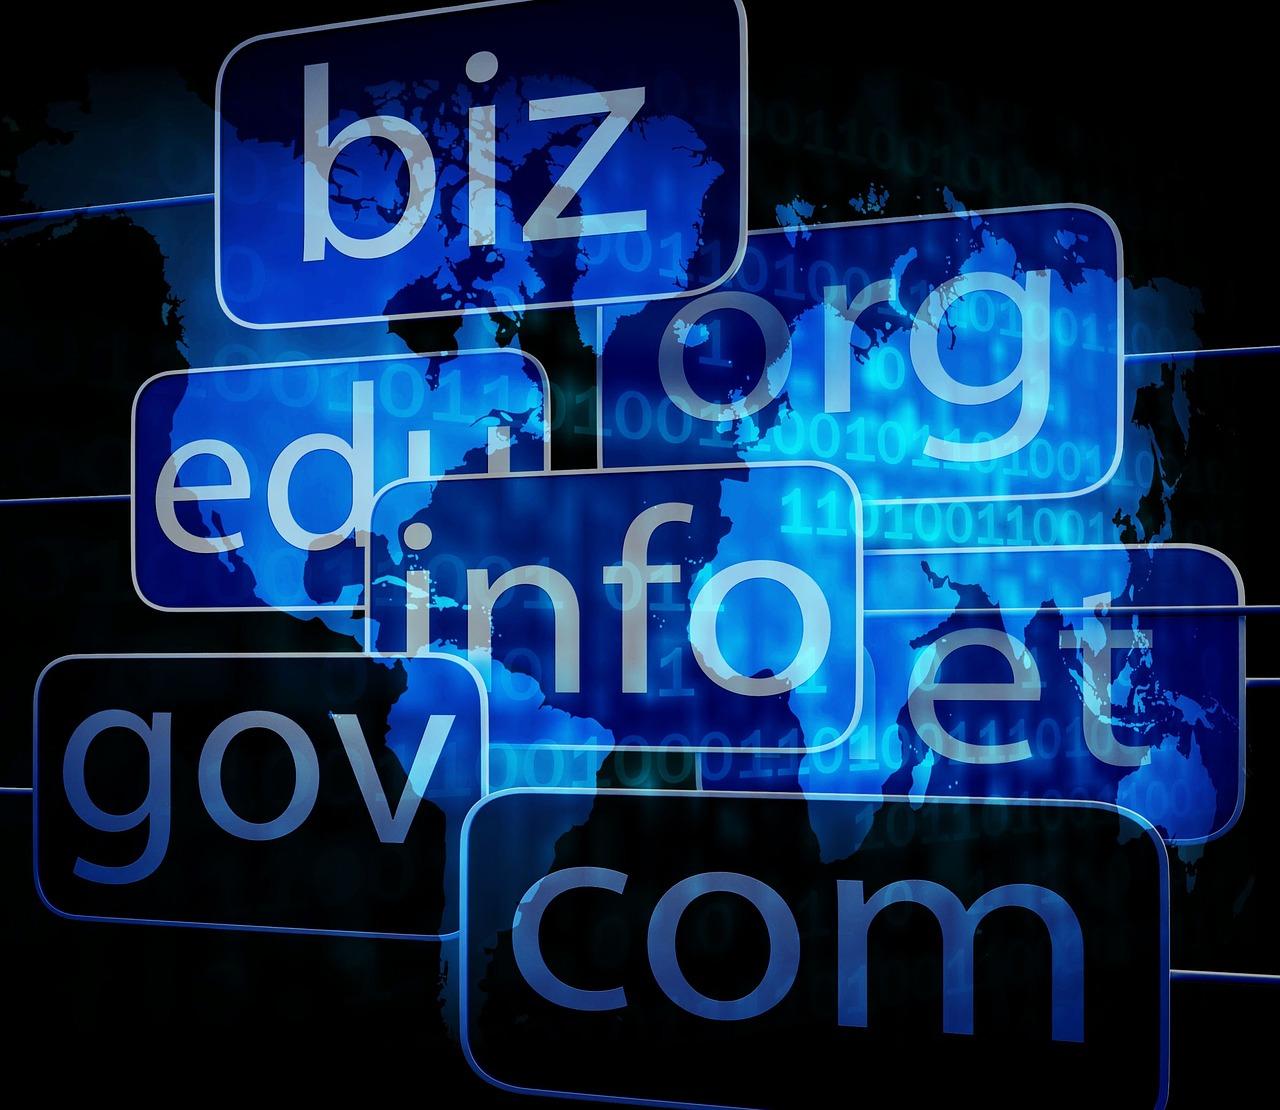 Symbolics.com il primo dominio registrato ha oltre 33 anni